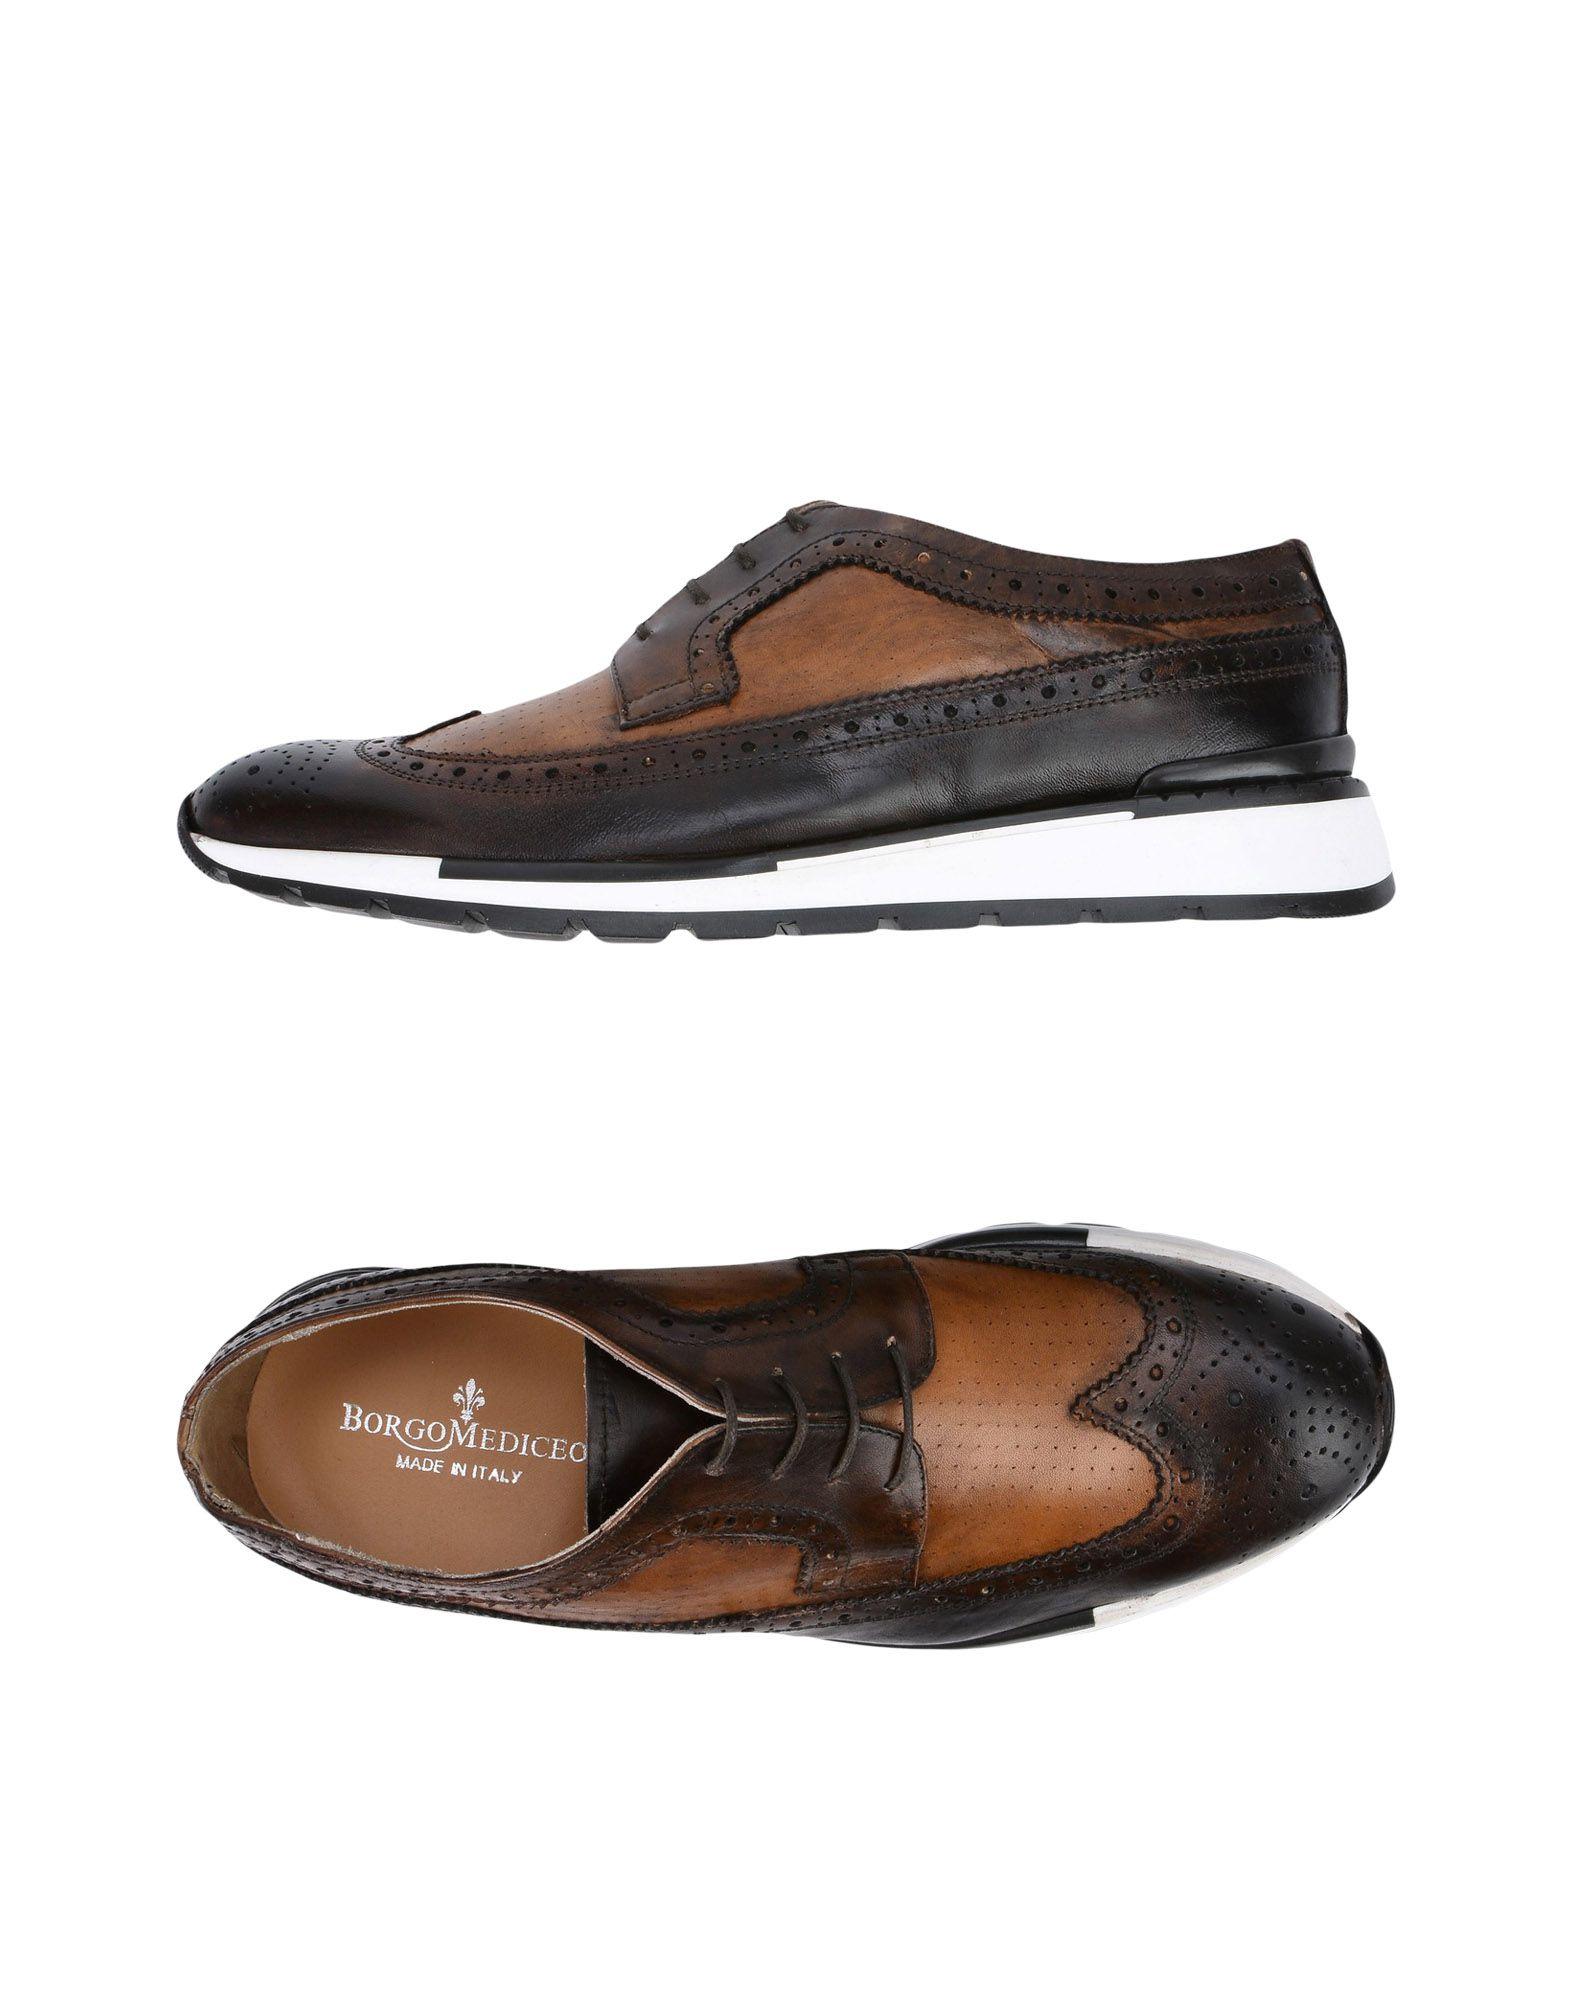 Borgo Mediceo Sneakers Sneakers Mediceo Herren  11428500LV Neue Schuhe 7c5827